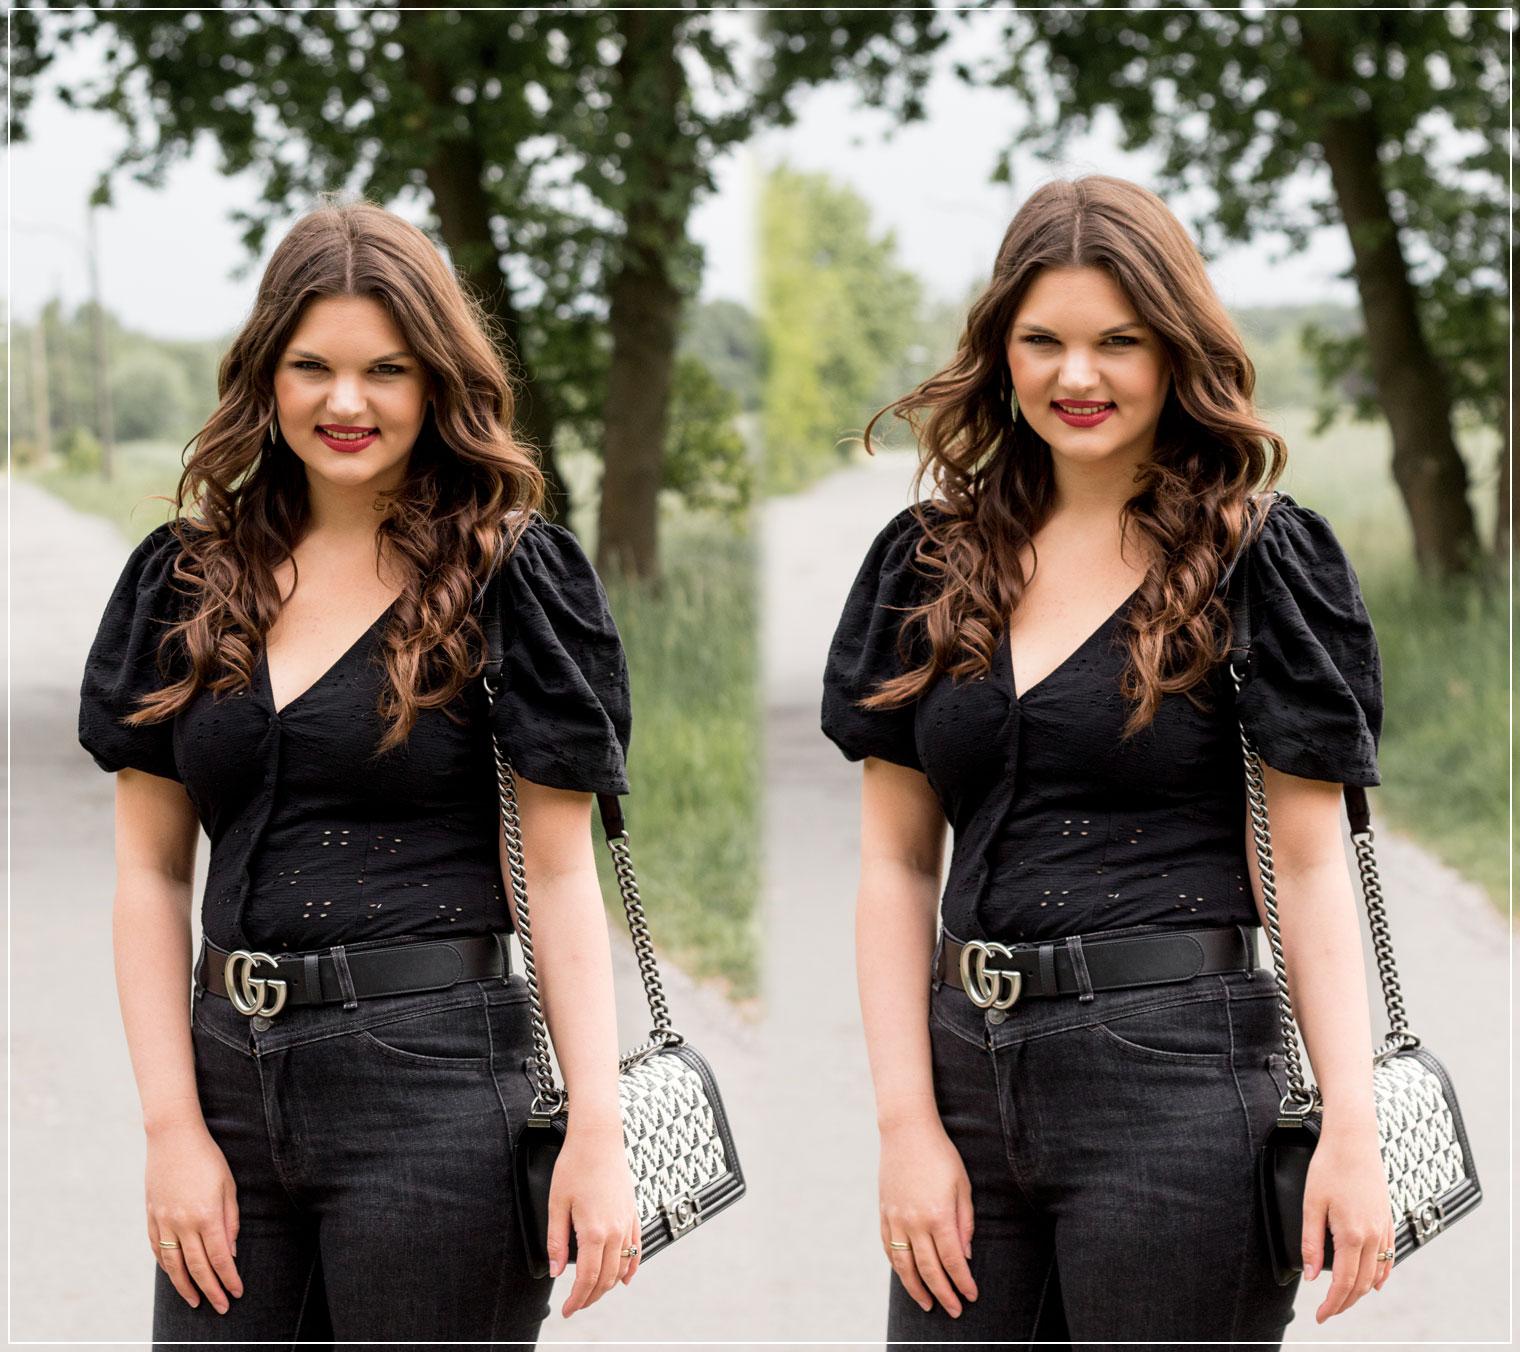 Modetrend, Puffärmel, Statementärmel, Sommerlook, Spring Style, Outfitinspiration, Modebloggerin, Fashionbloggerin, Modeblog, Ruhrgebiet